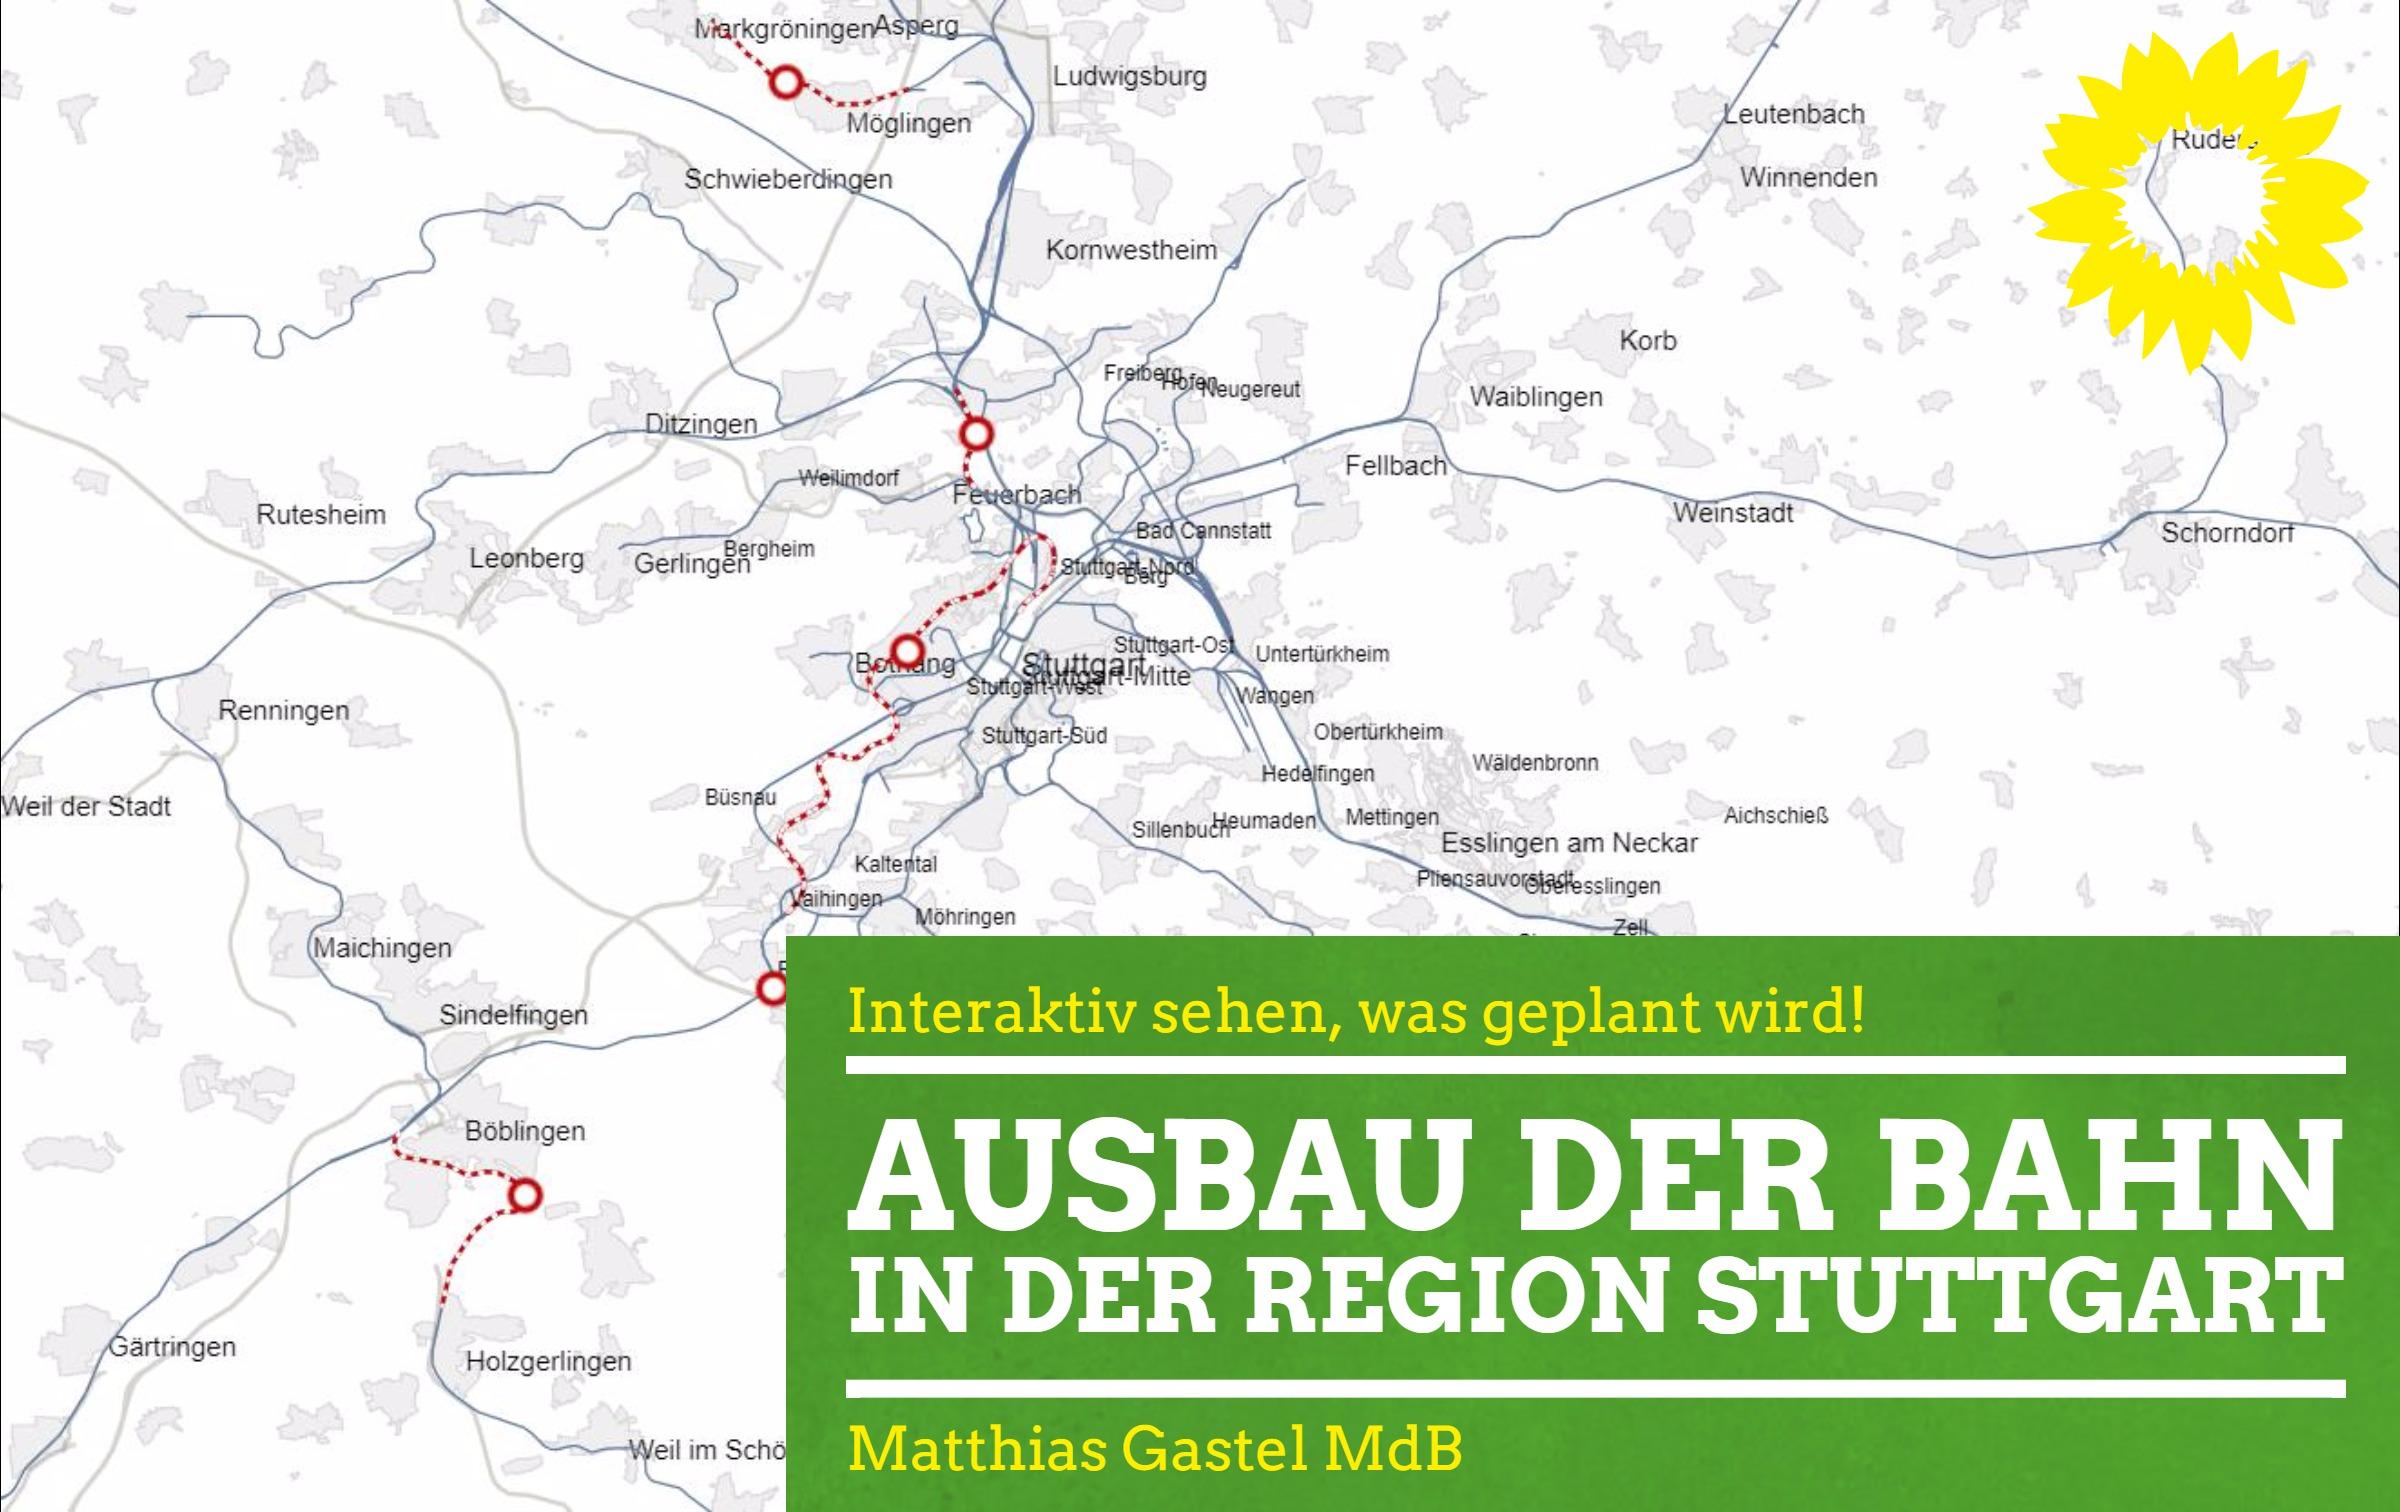 Karte der Region Stuttgart